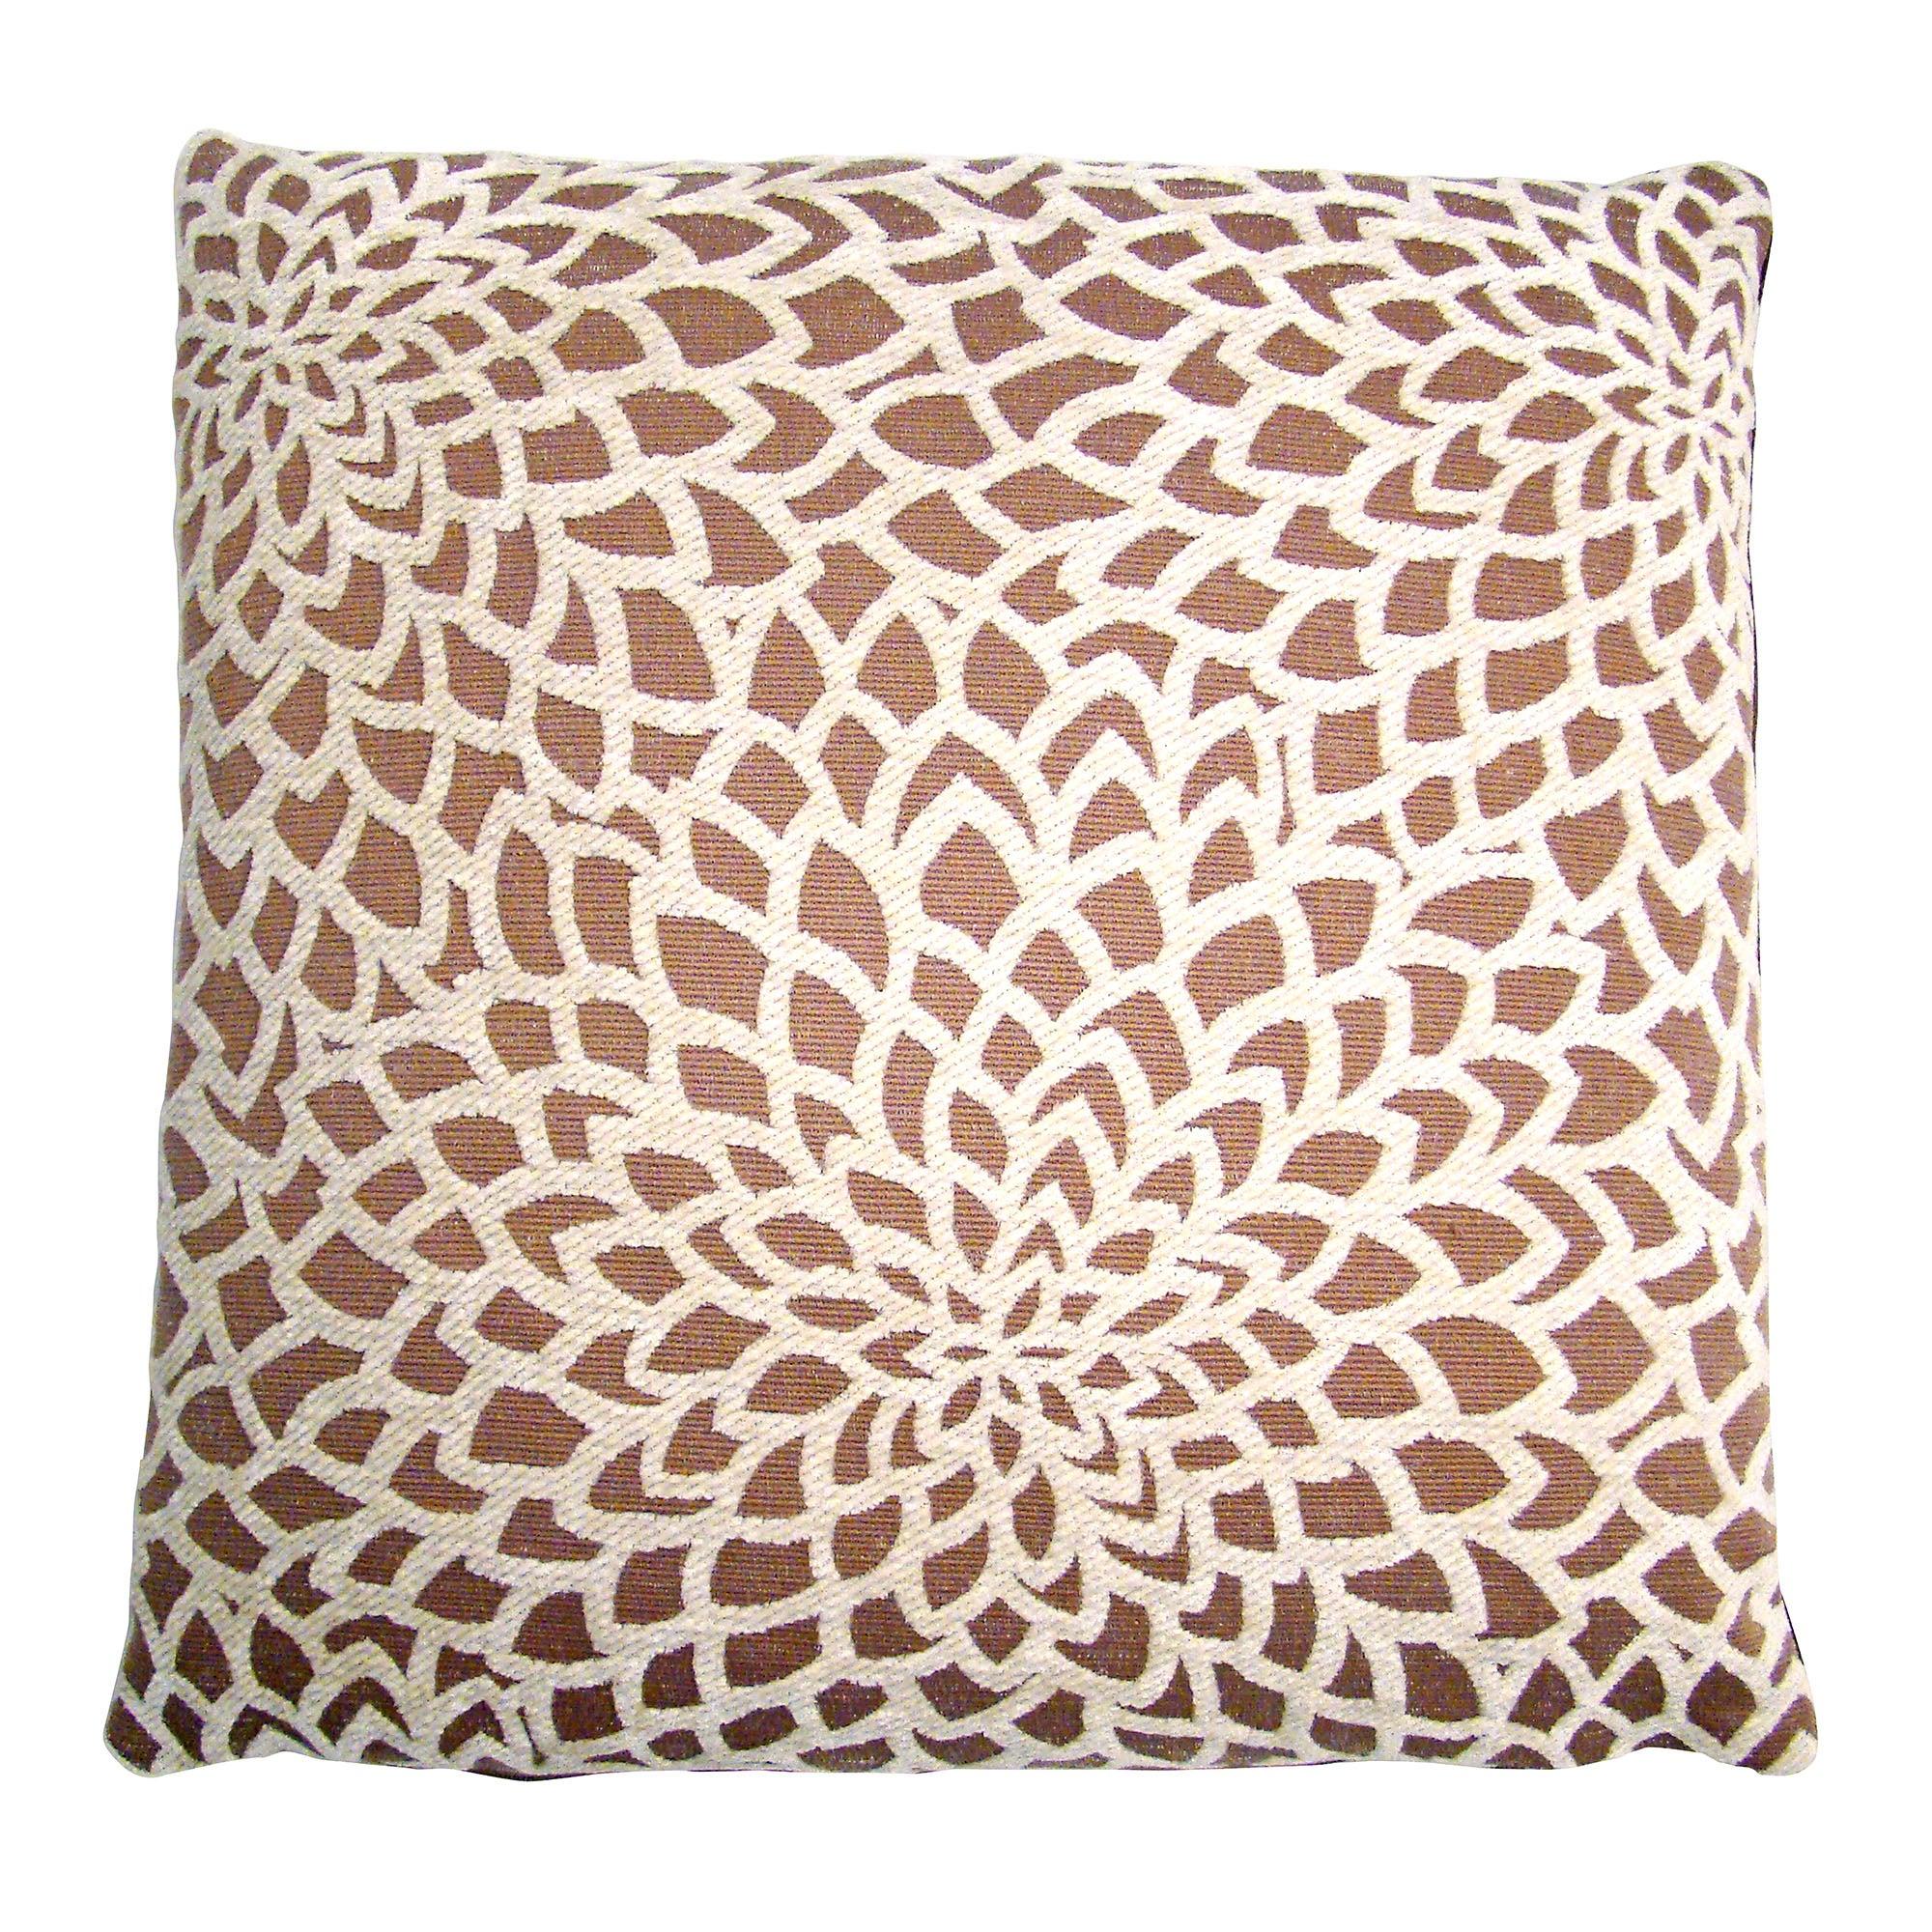 Chrysanthemum Cushion Cover